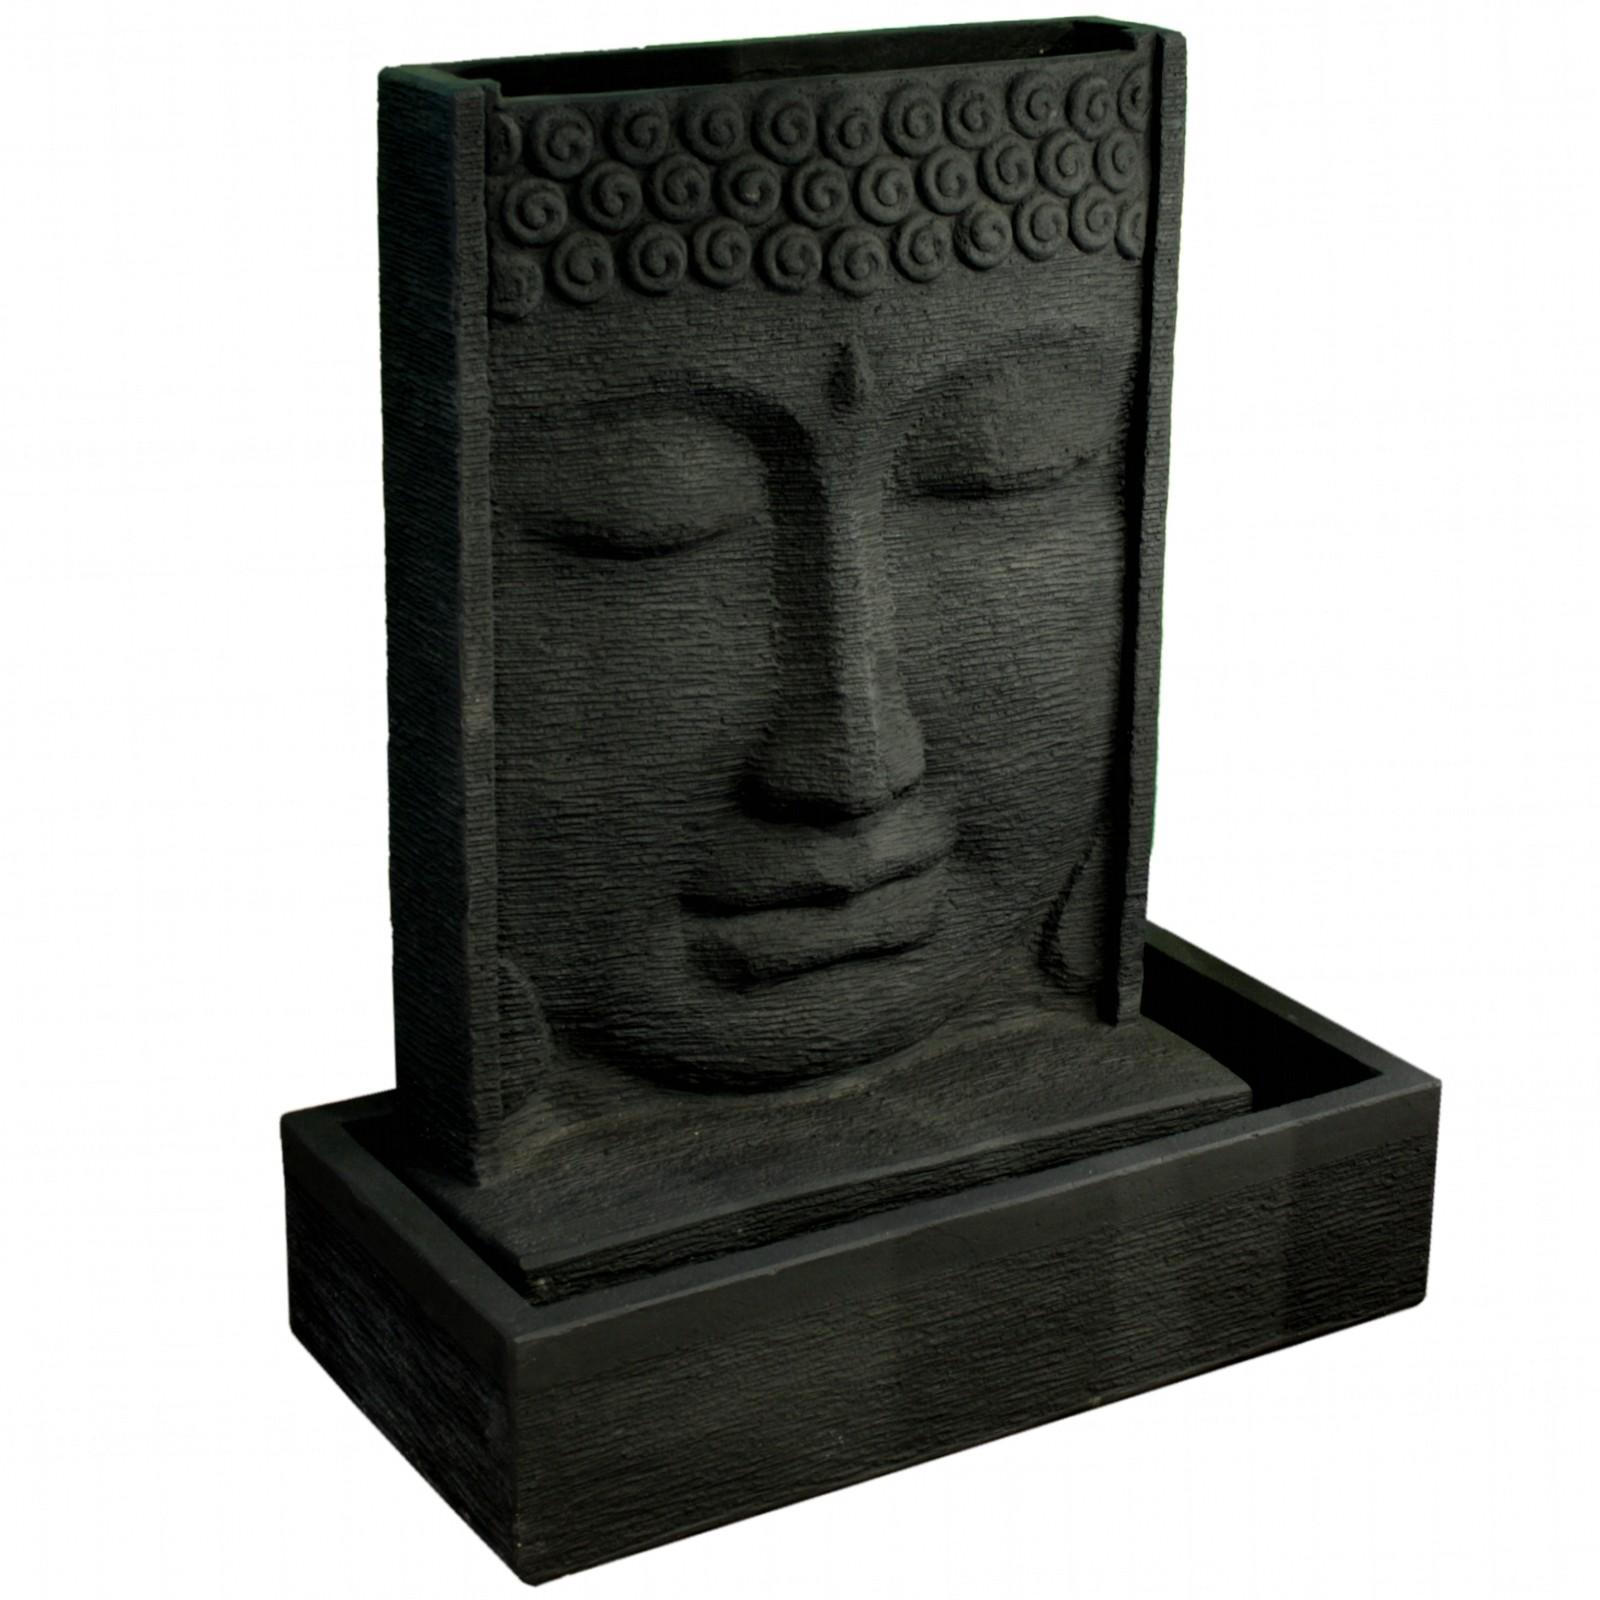 Buddha brunnen 125 cm hoch 118311 - Gartenbrunnen buddha ...